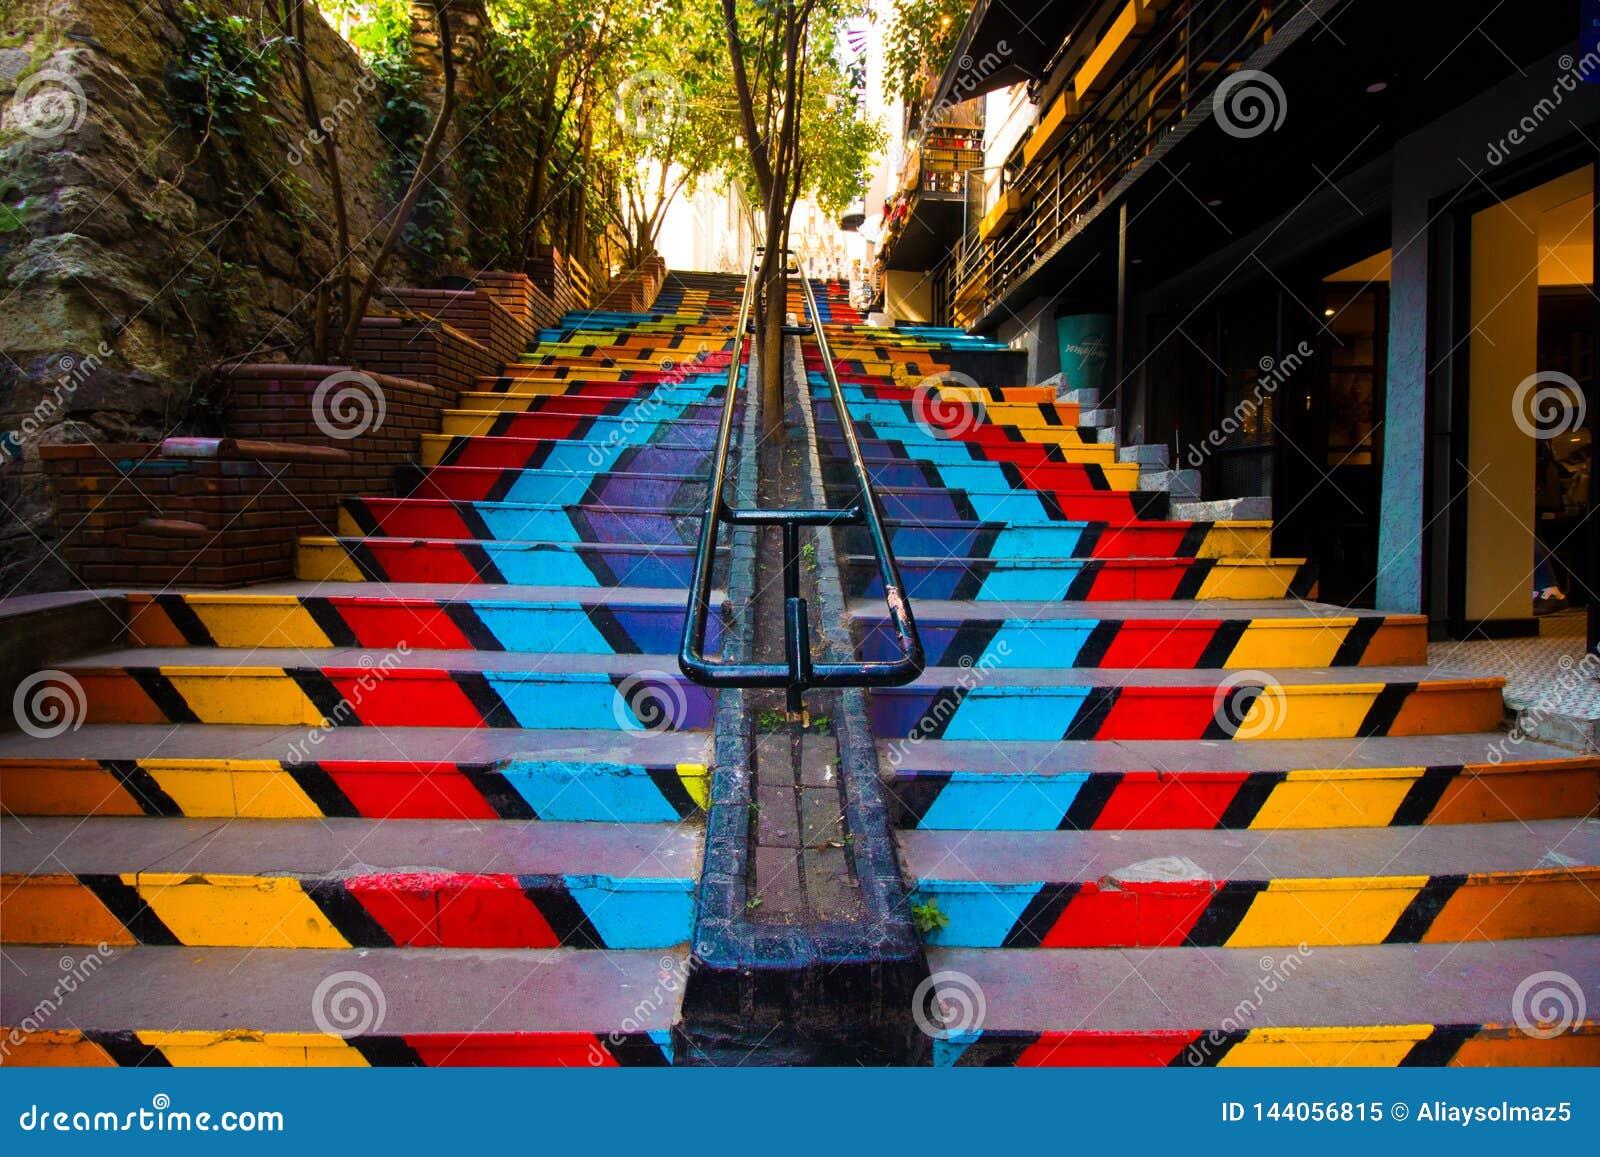 Ιστανμπούλ, Karakoy/Τουρκία 04 04 2019: Ζωηρόχρωμα σκαλοπάτια, τέχνη οδών και έννοια ζωής